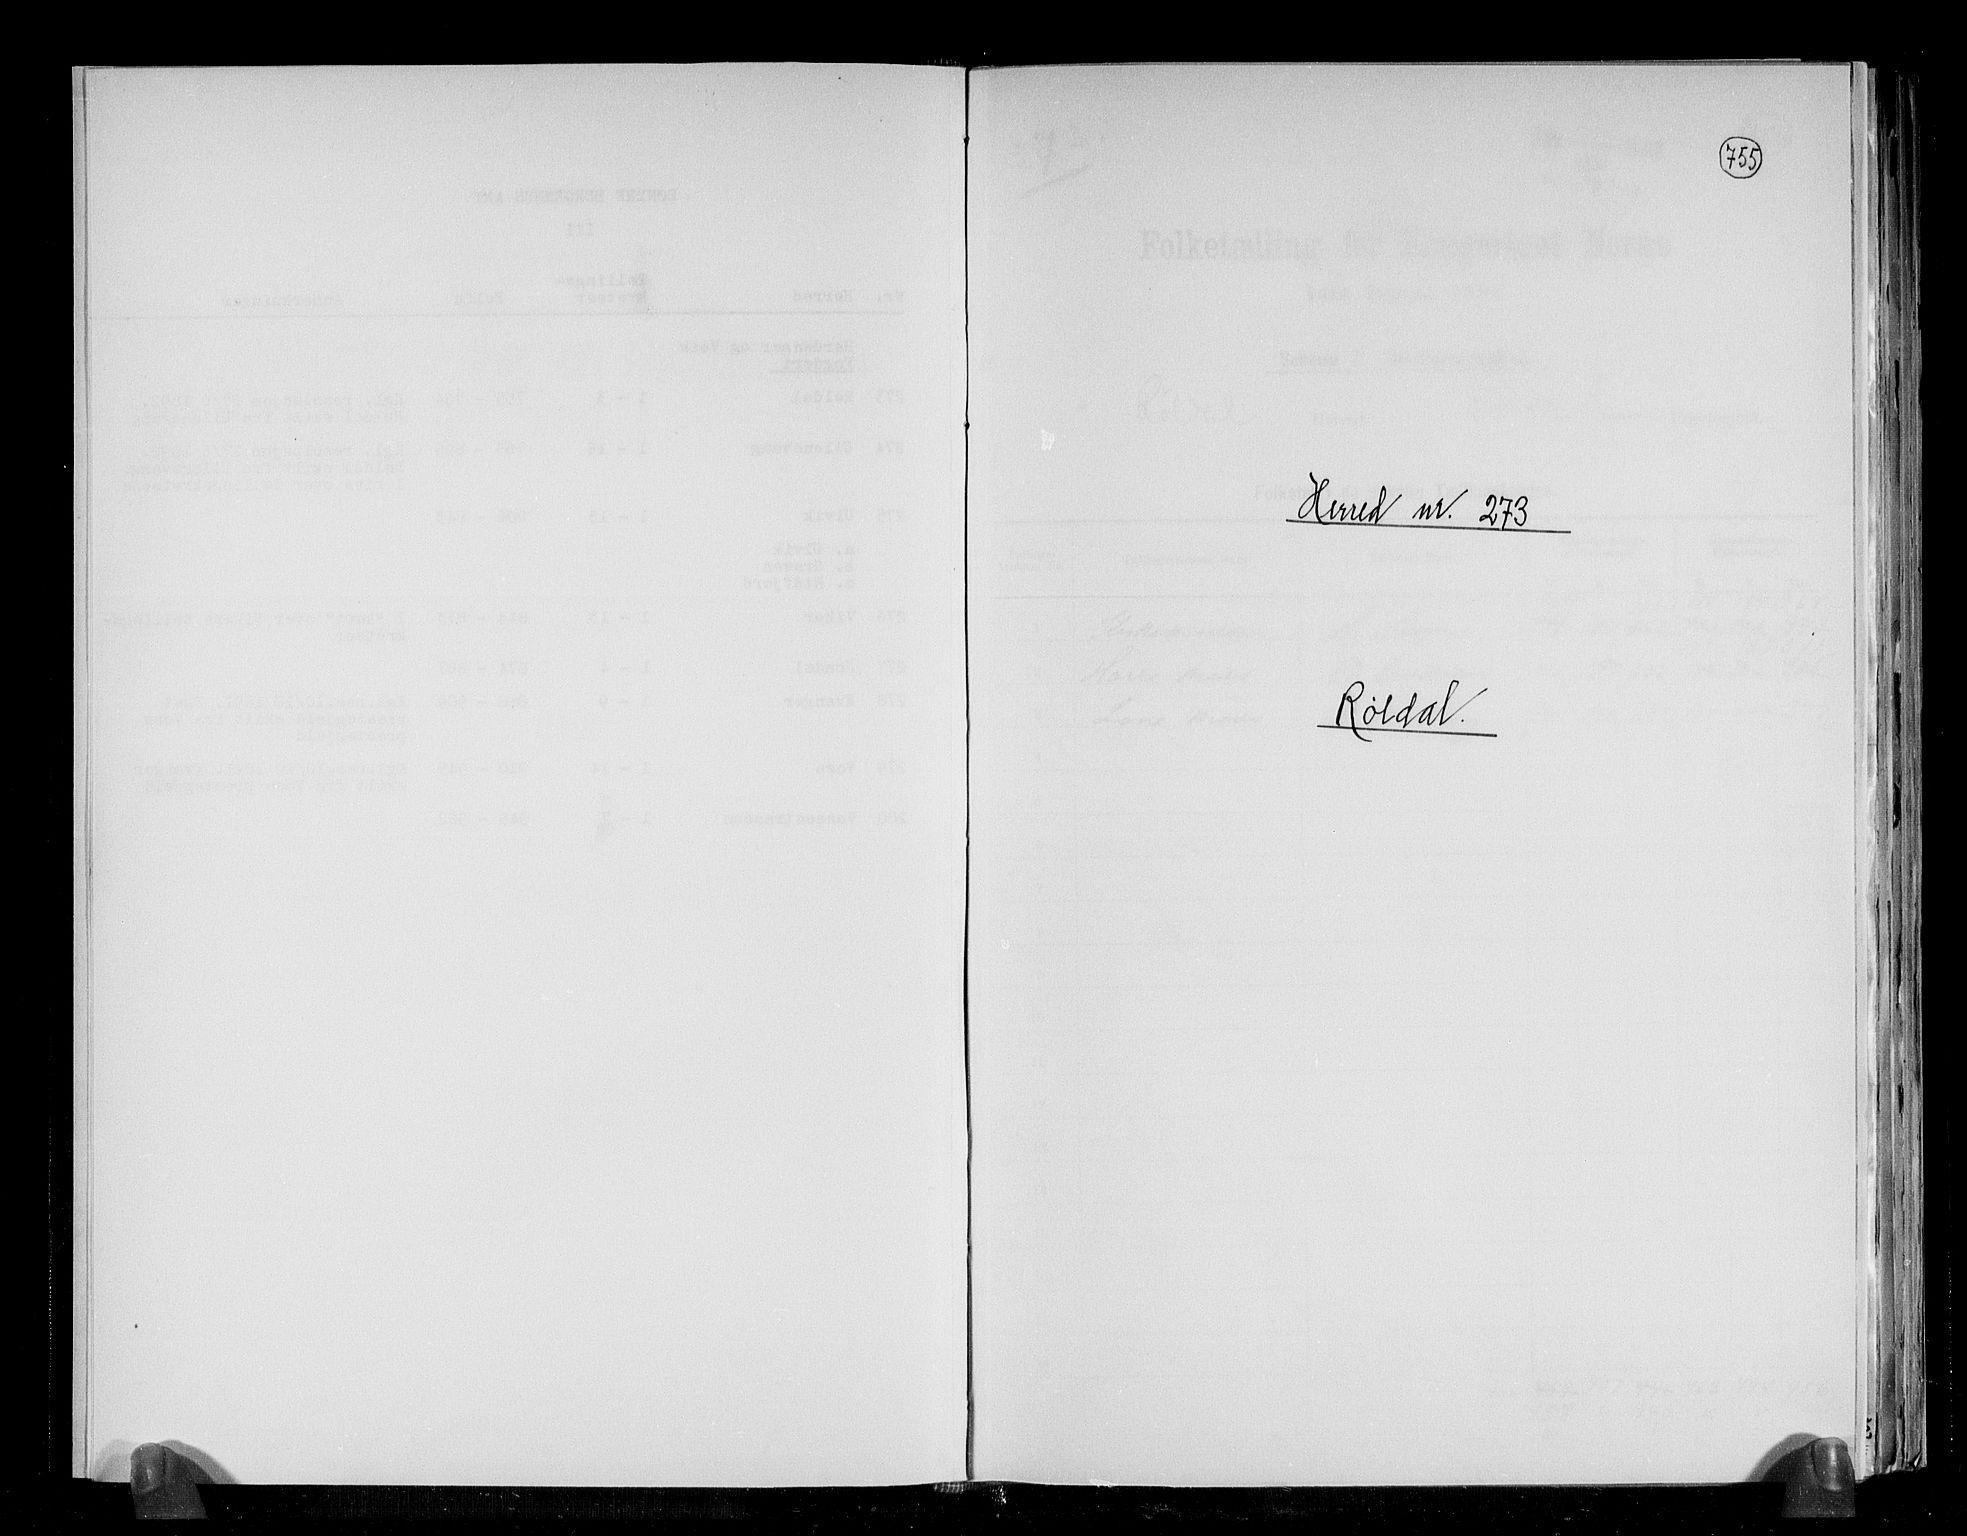 RA, Folketelling 1891 for 1229 Røldal herred, 1891, s. 1